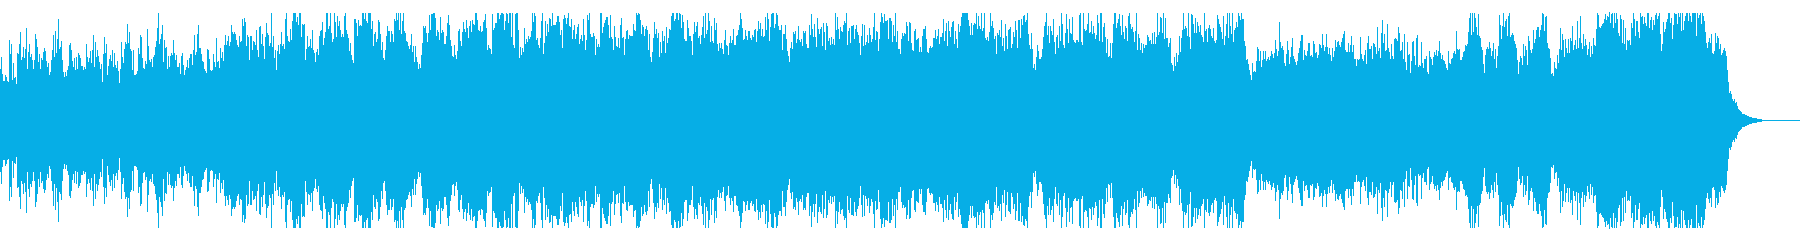 重厚にダークな宇宙をイメージしたBGMの再生済みの波形